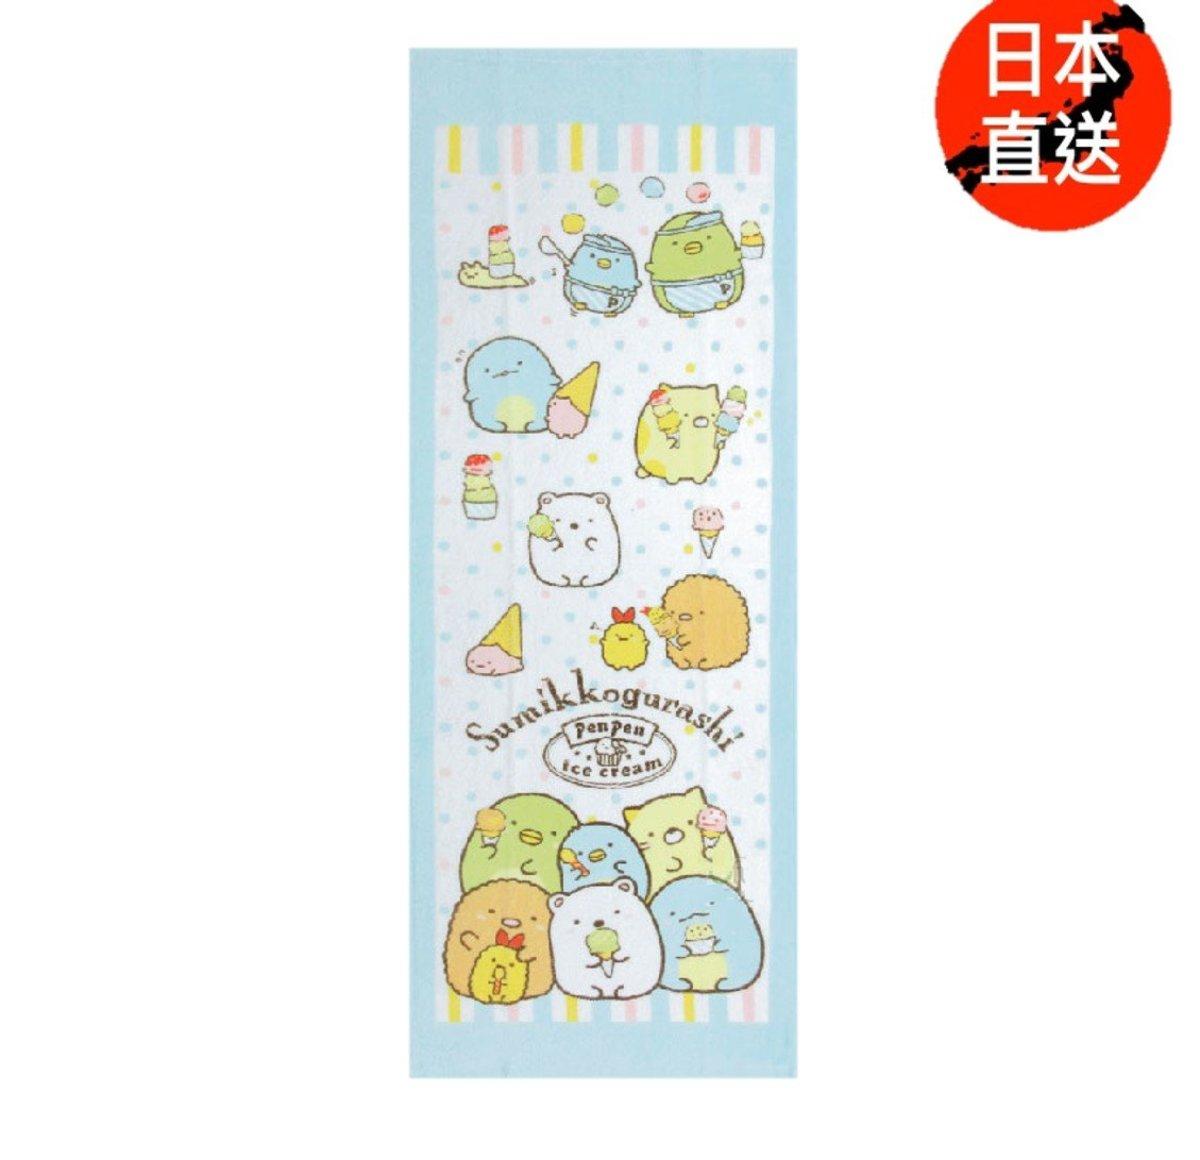 純棉長浴巾C(日本直送)